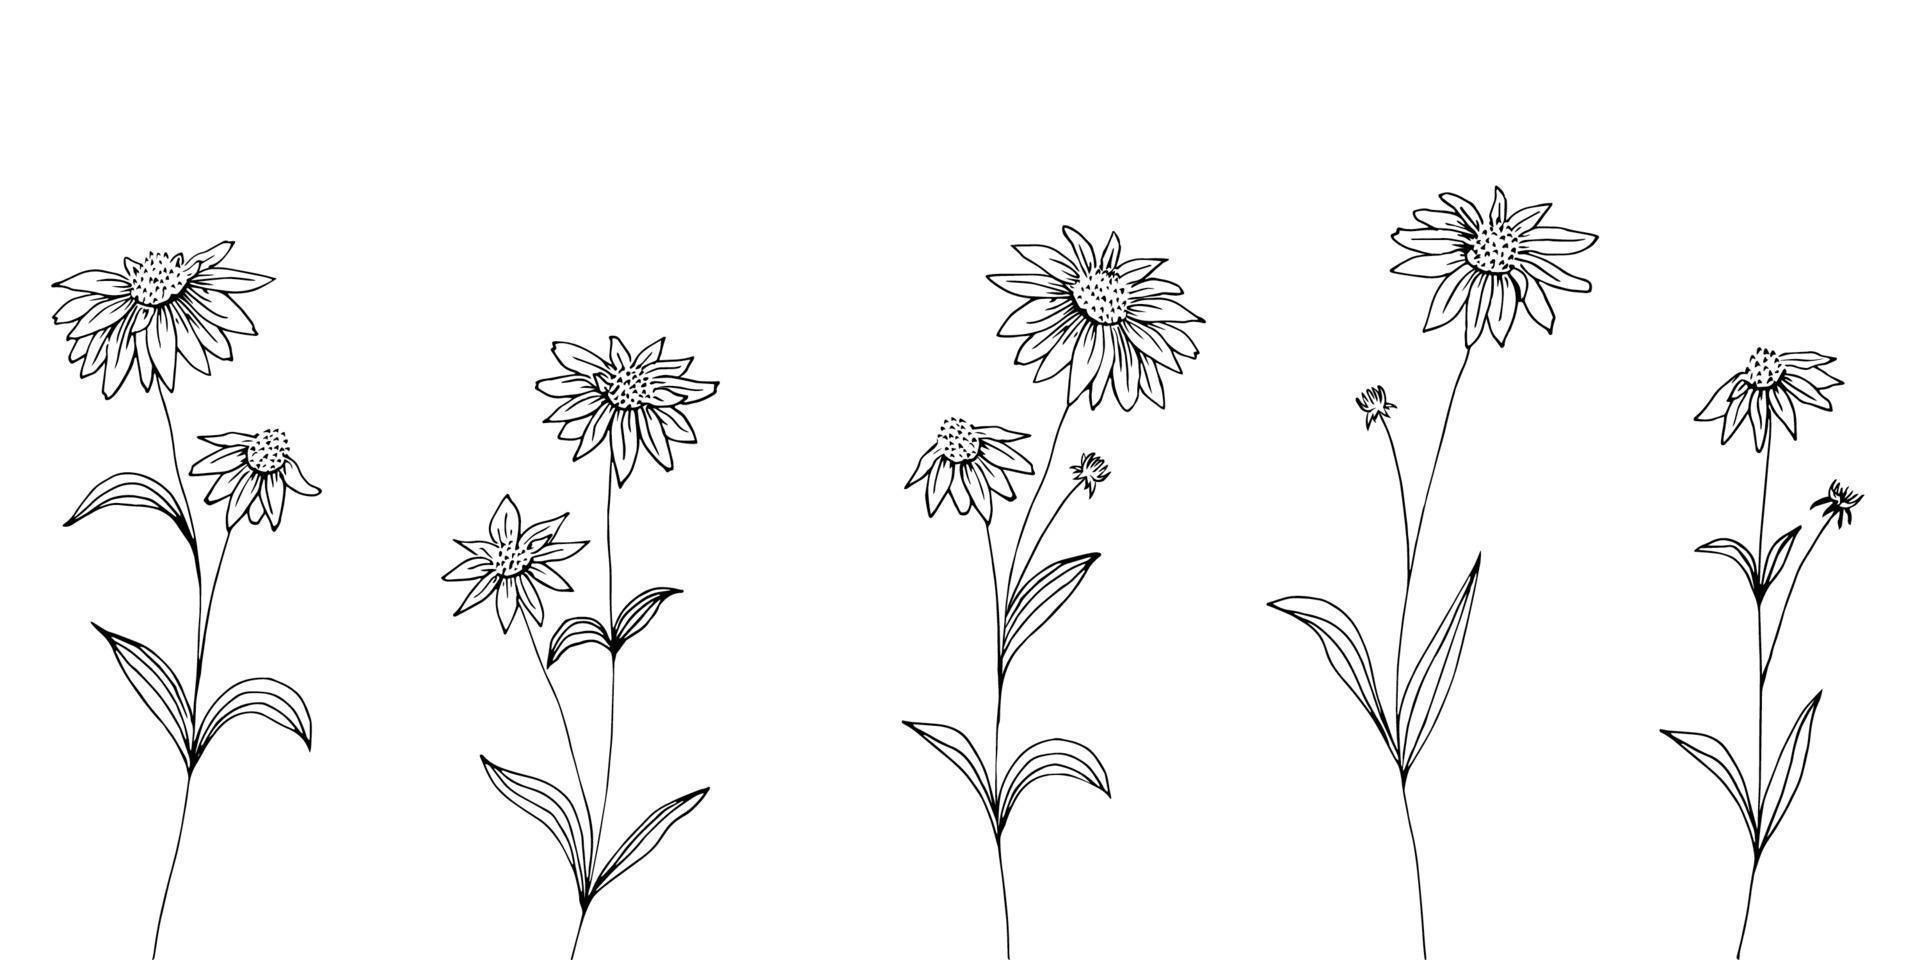 dibujado a mano conjunto de flores de equinácea. flores y hojas. planta medicinal, ingrediente de té de hierbas. vector